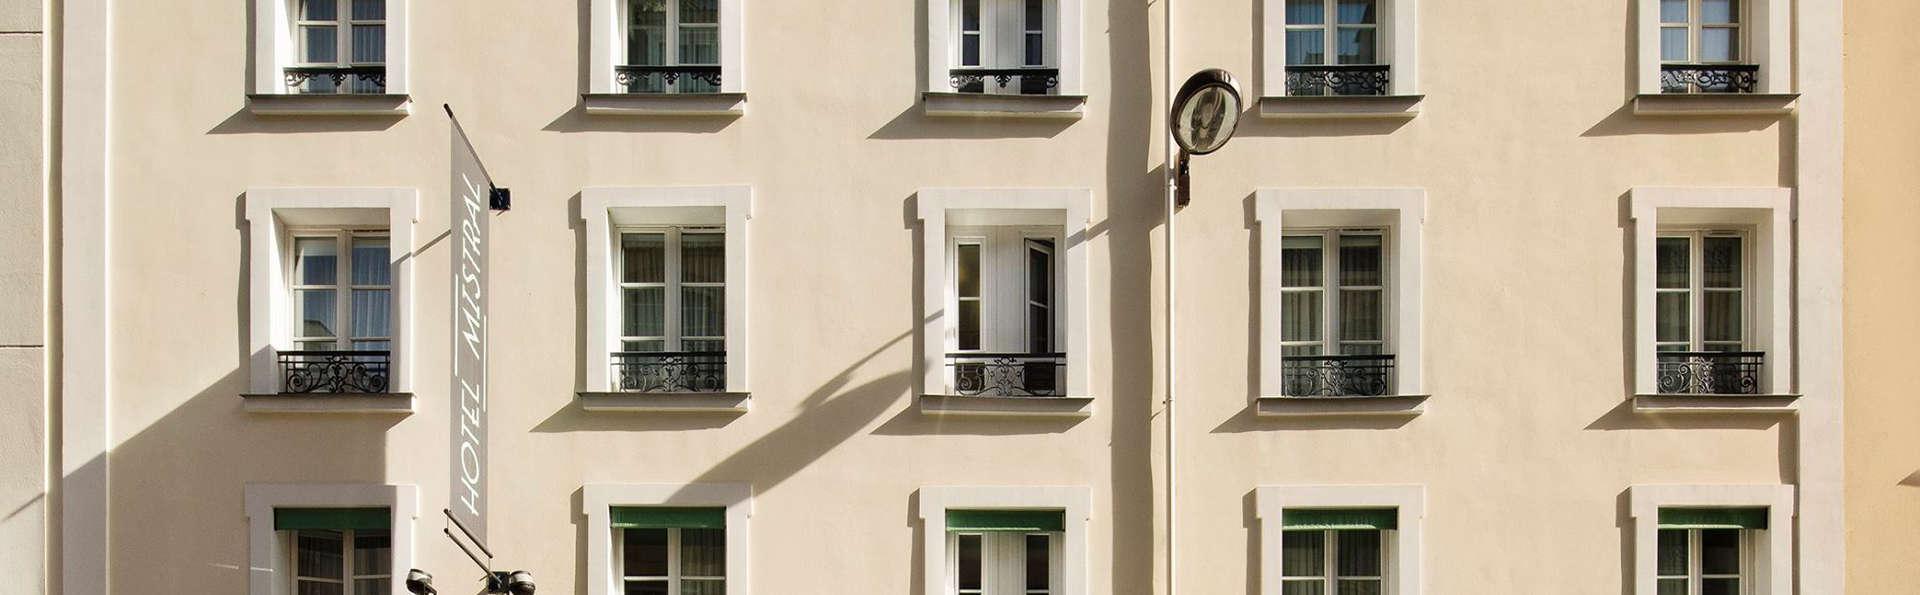 h tel mistral 3 paris france. Black Bedroom Furniture Sets. Home Design Ideas